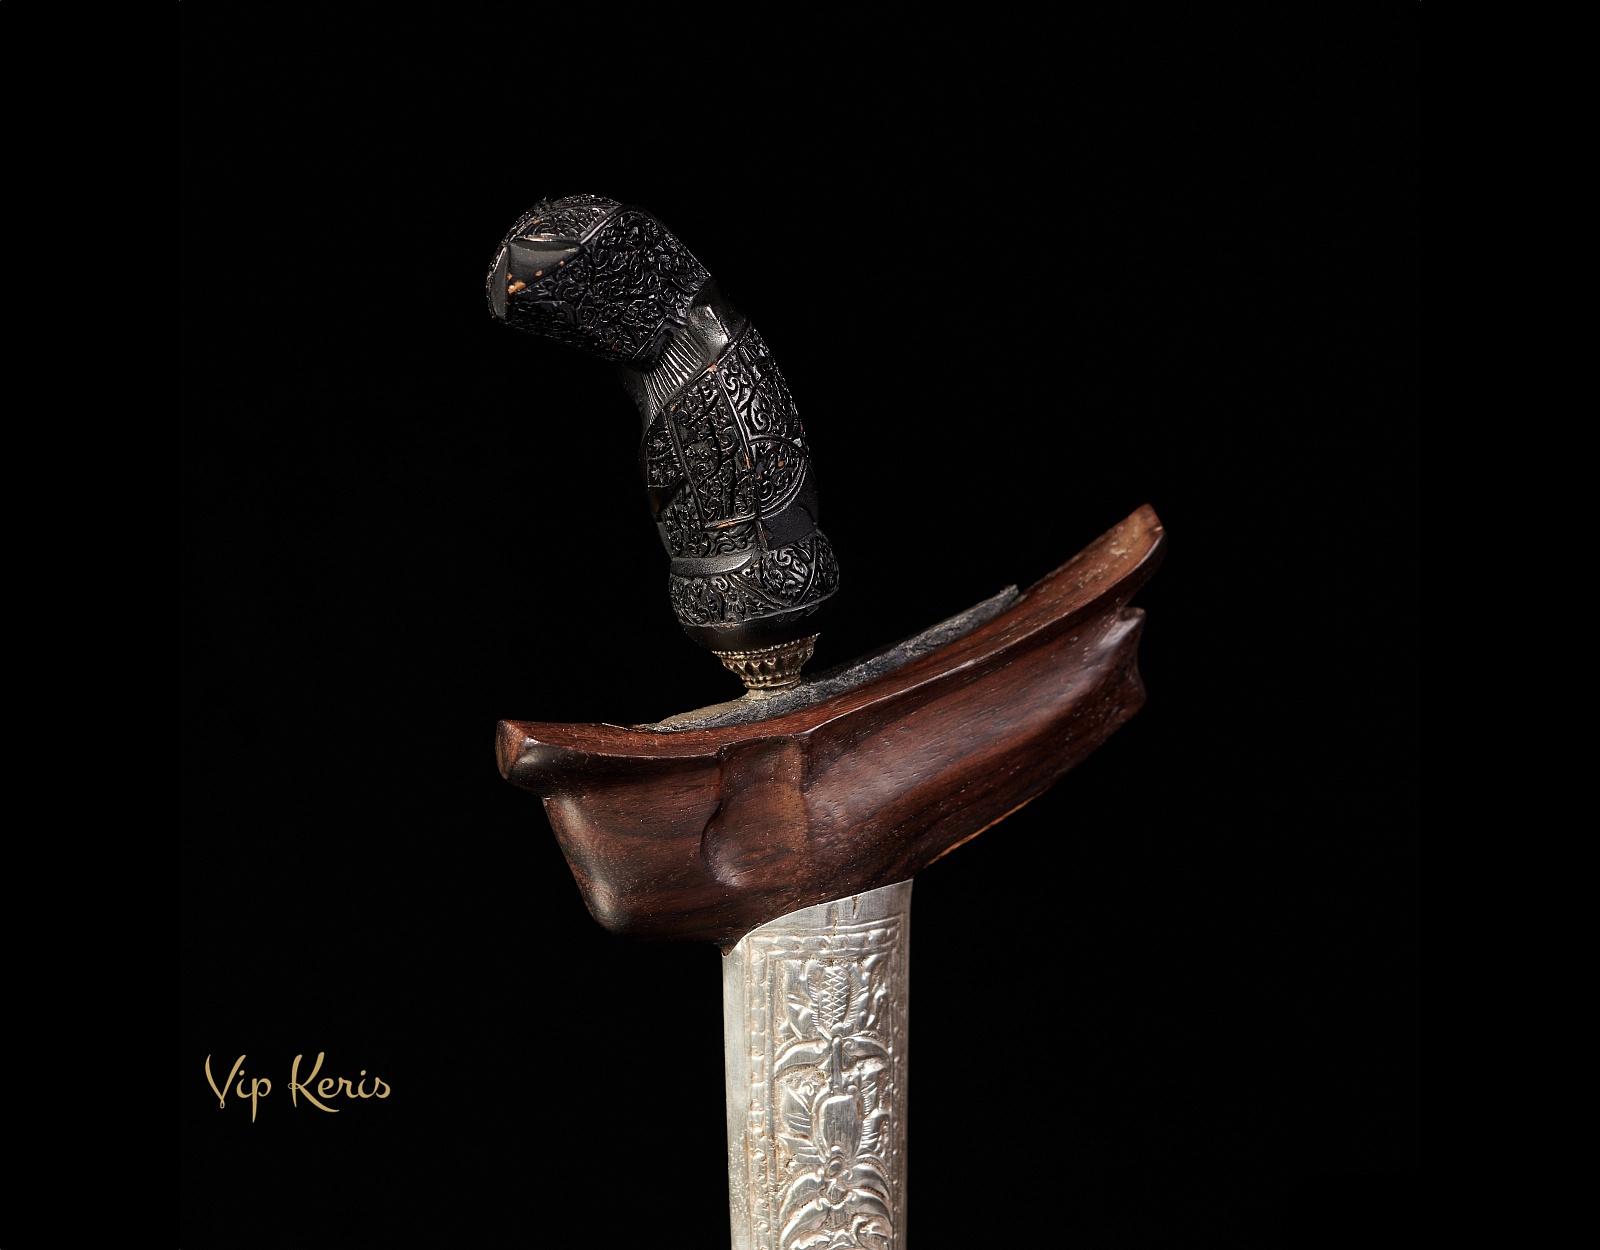 Пламевидный кинжал Крис Sempono Luk9, стихия Смерть фото VipKeris